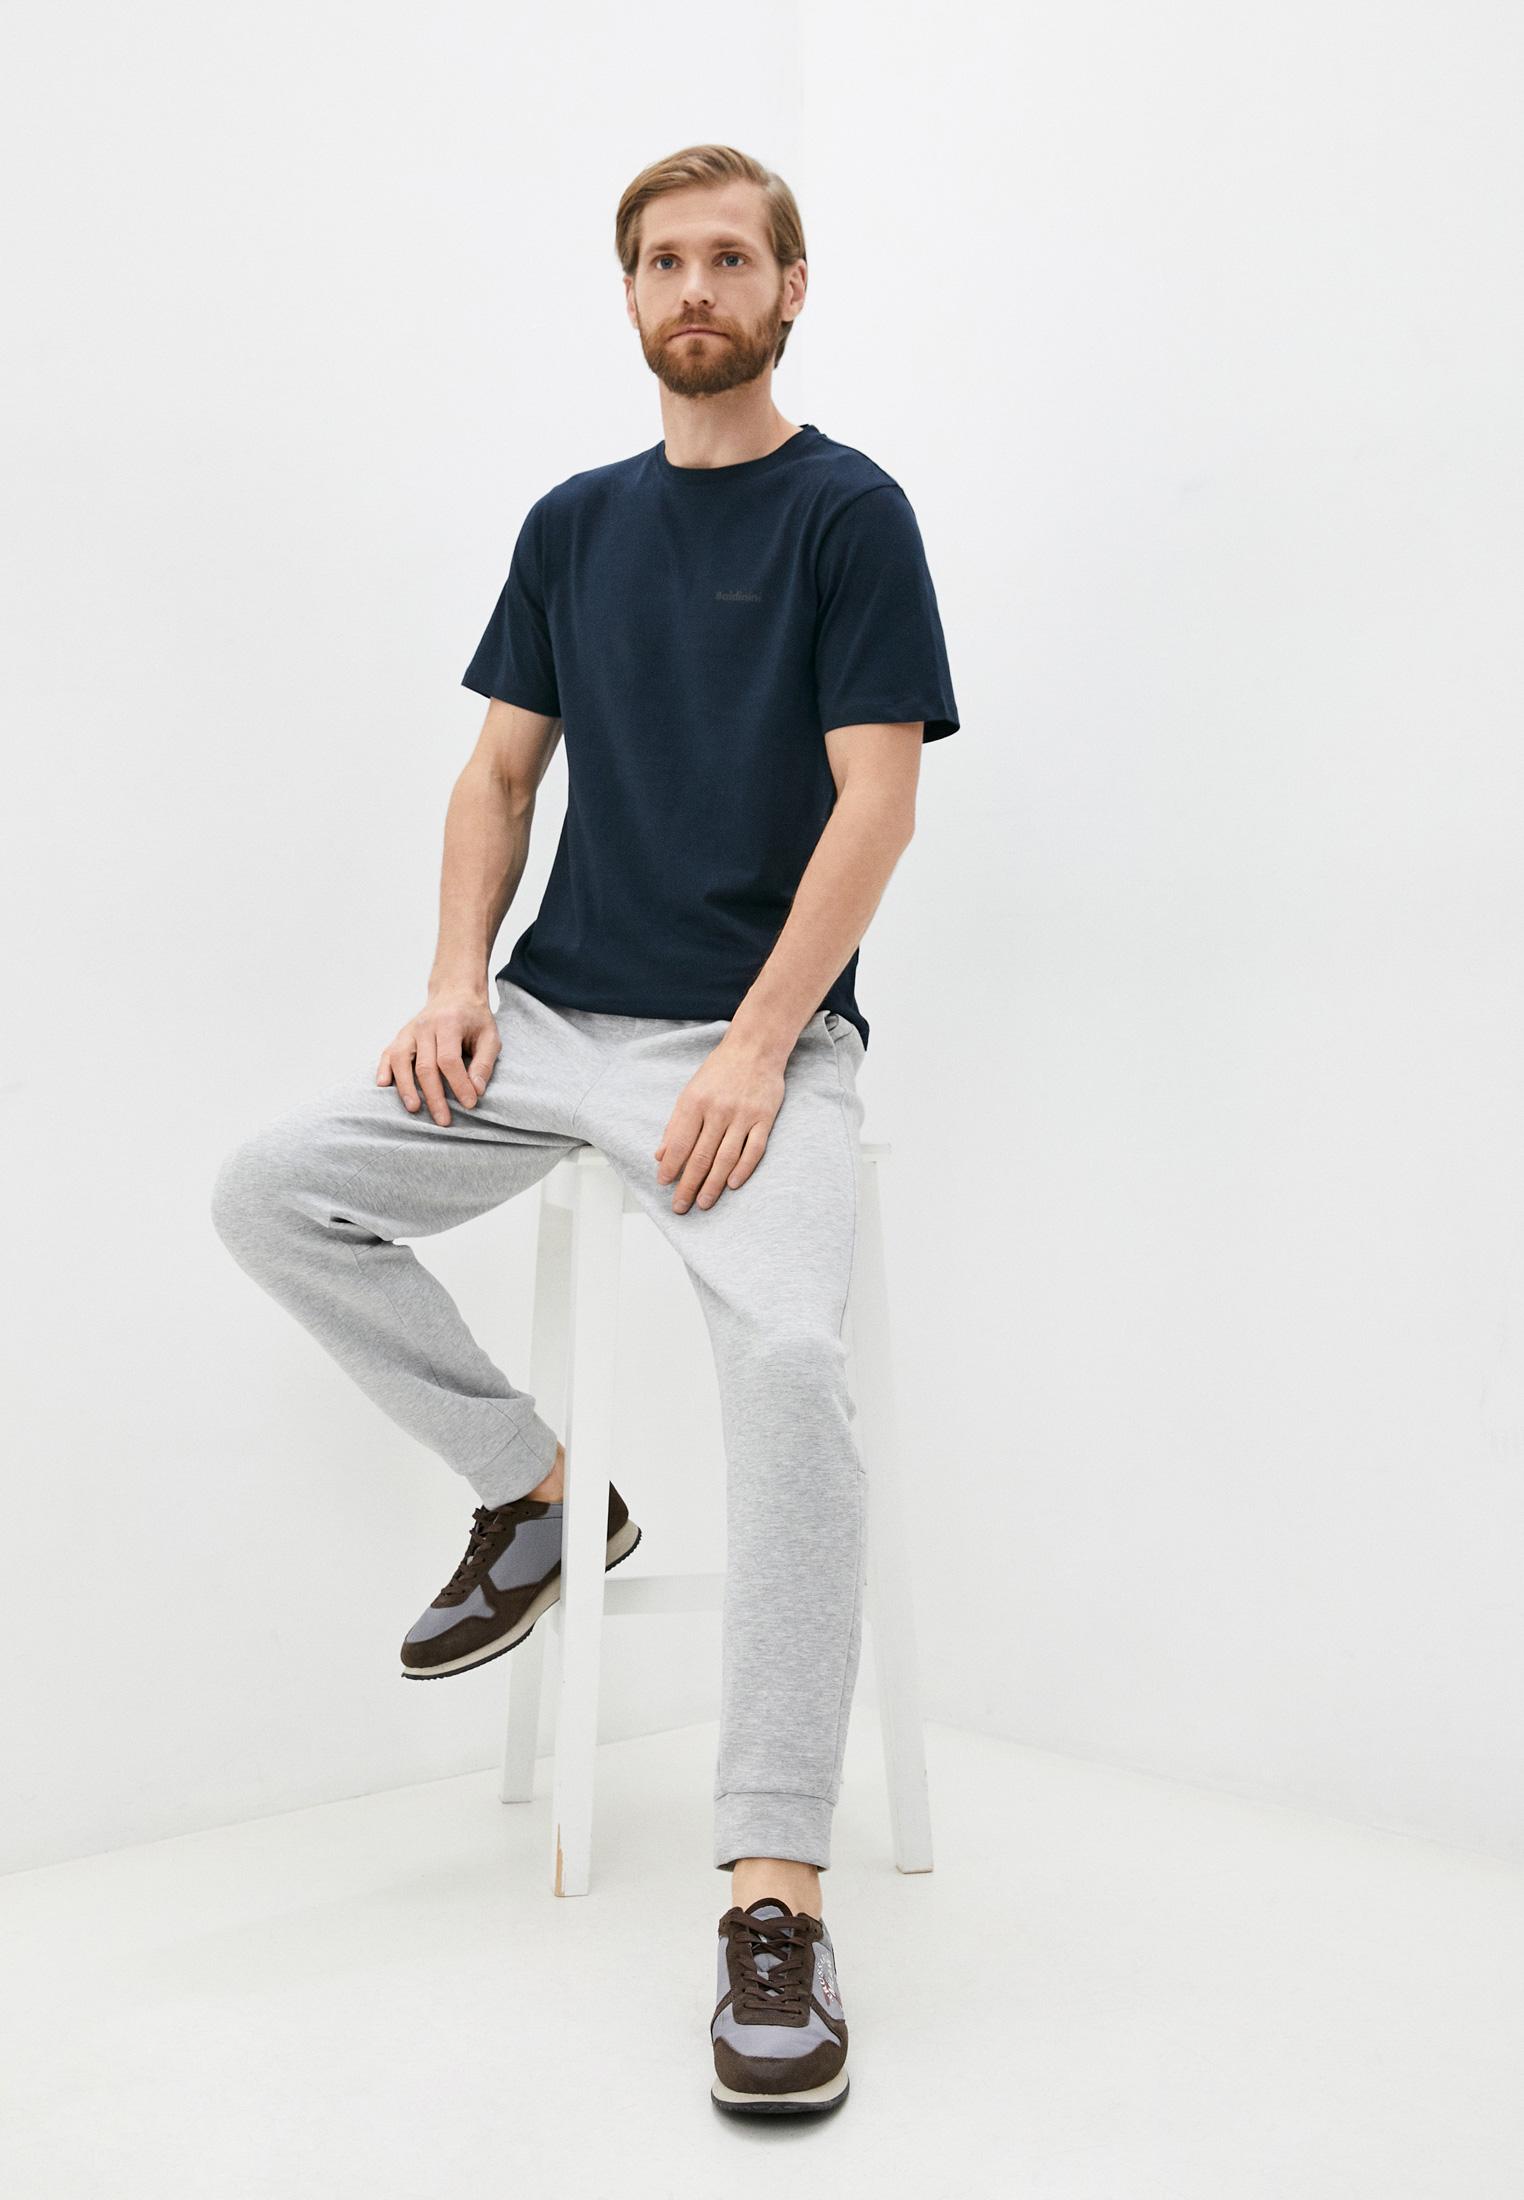 Мужская футболка Baldinini (Балдинини) TS08: изображение 3